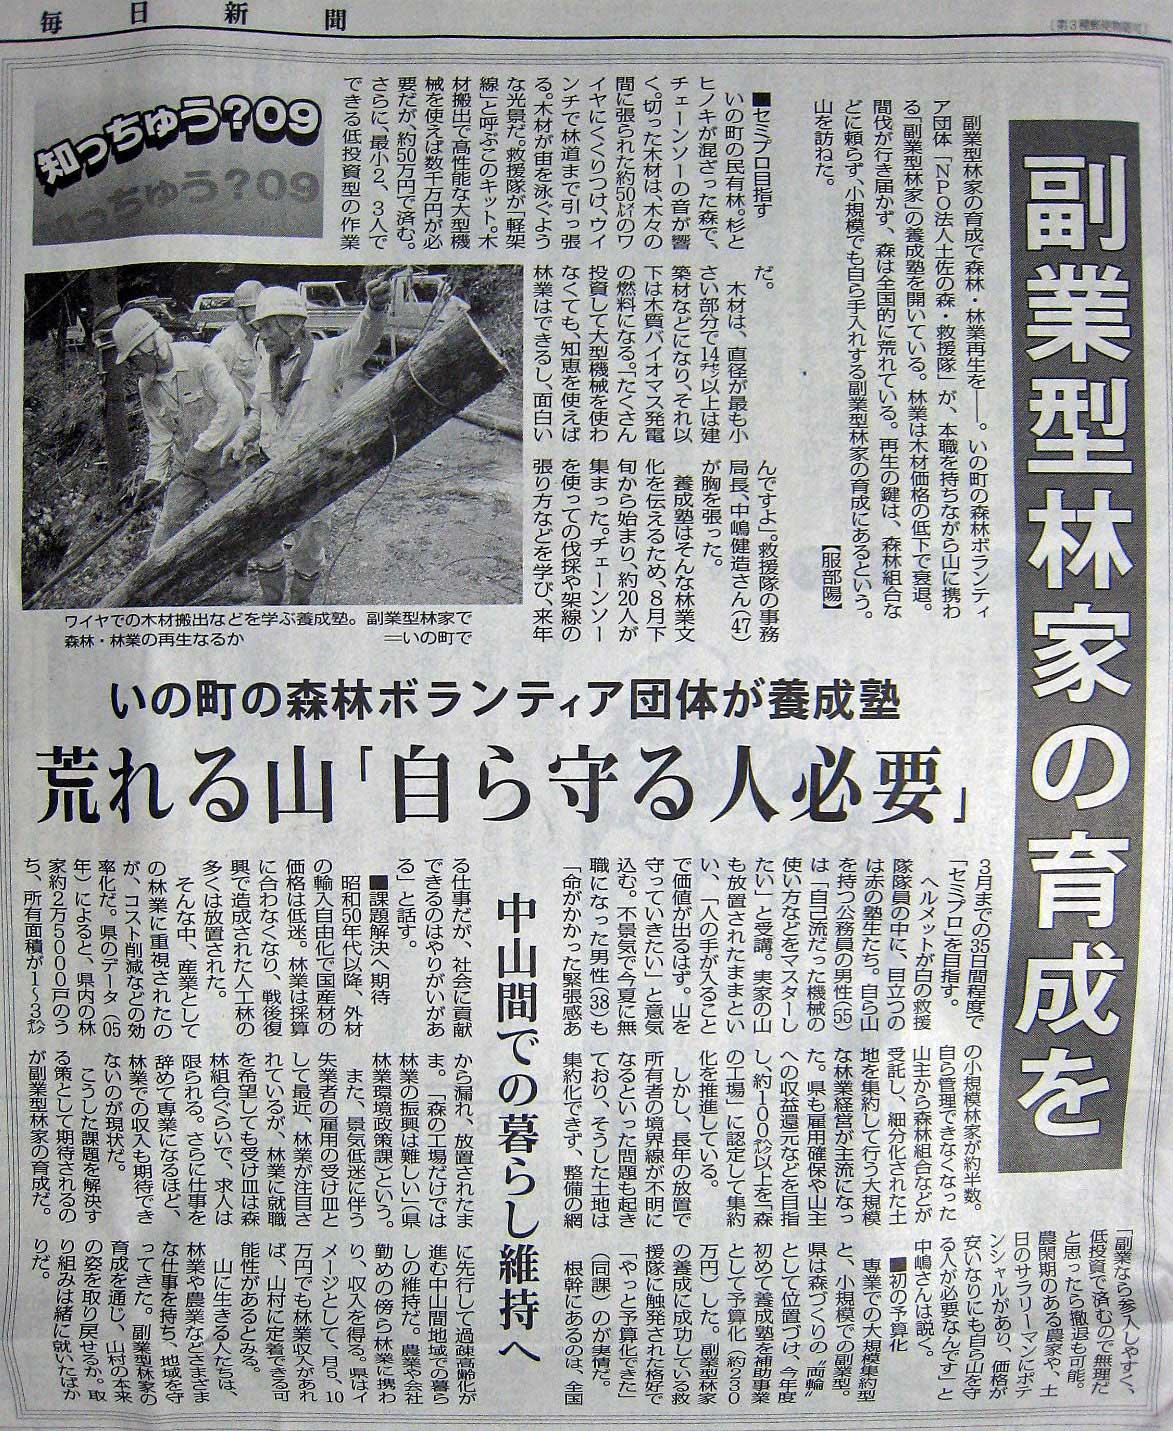 毎日新聞記事(2009.10.29朝刊)_e0002820_18254887.jpg